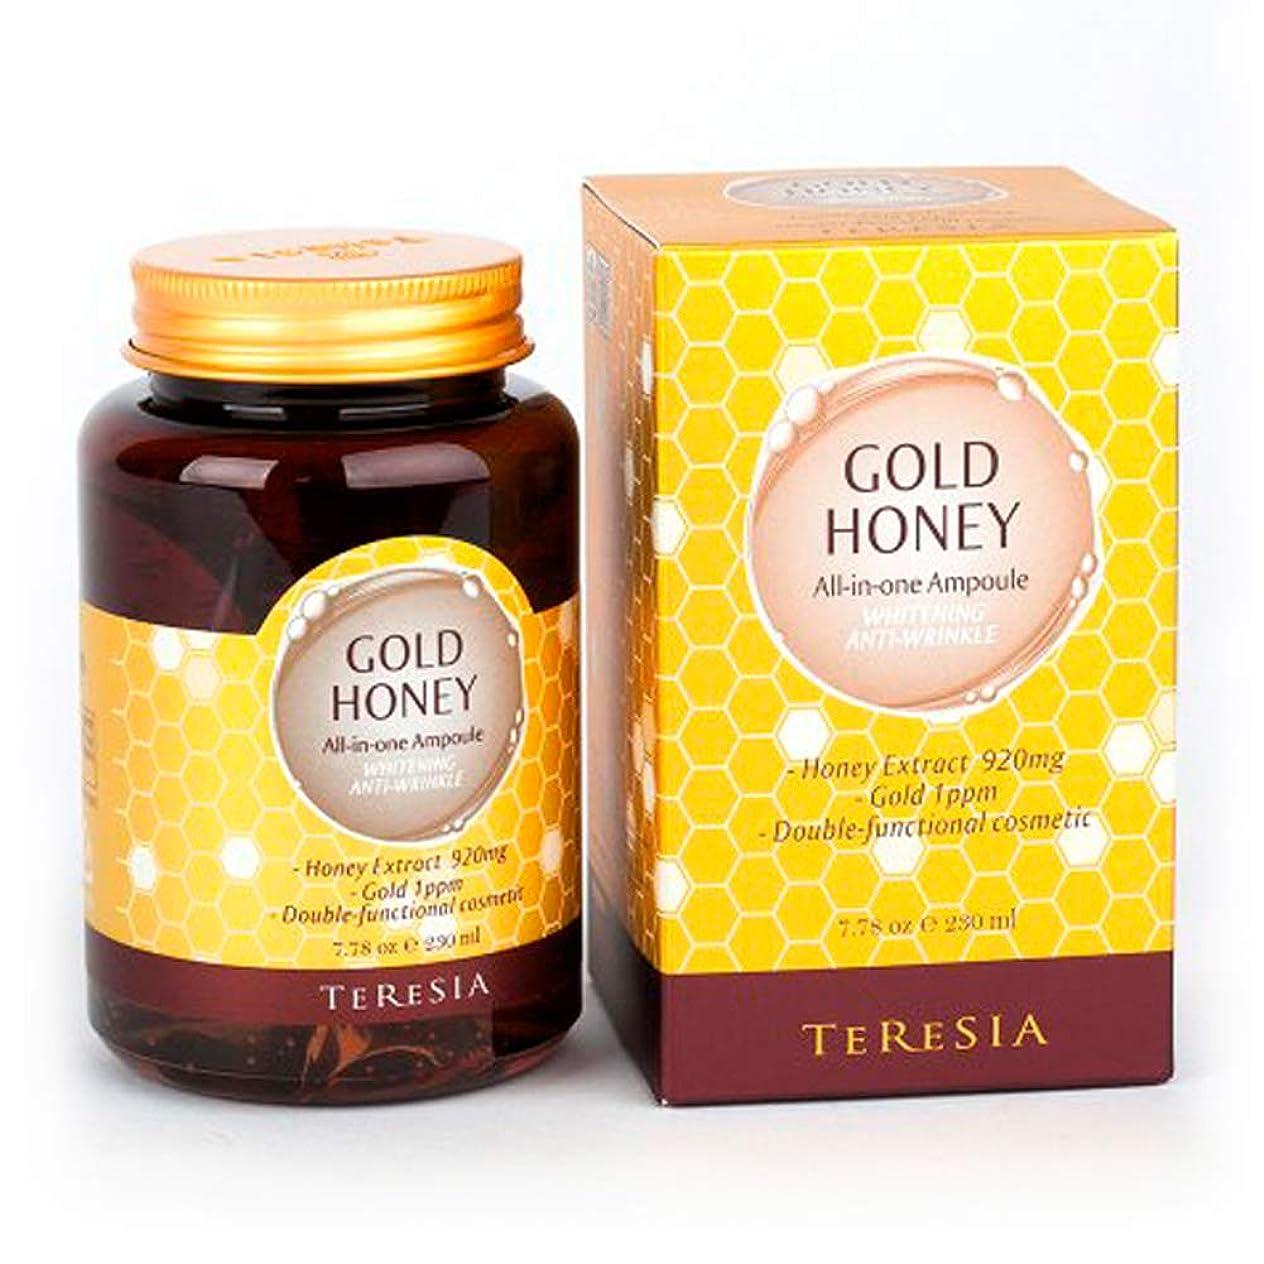 余暇廊下申請者[(テルシア)TERESIA] テルシア·ゴールドハニー大容量 230ml オールインワン·アンプル シワ,美白二重機能性化粧品